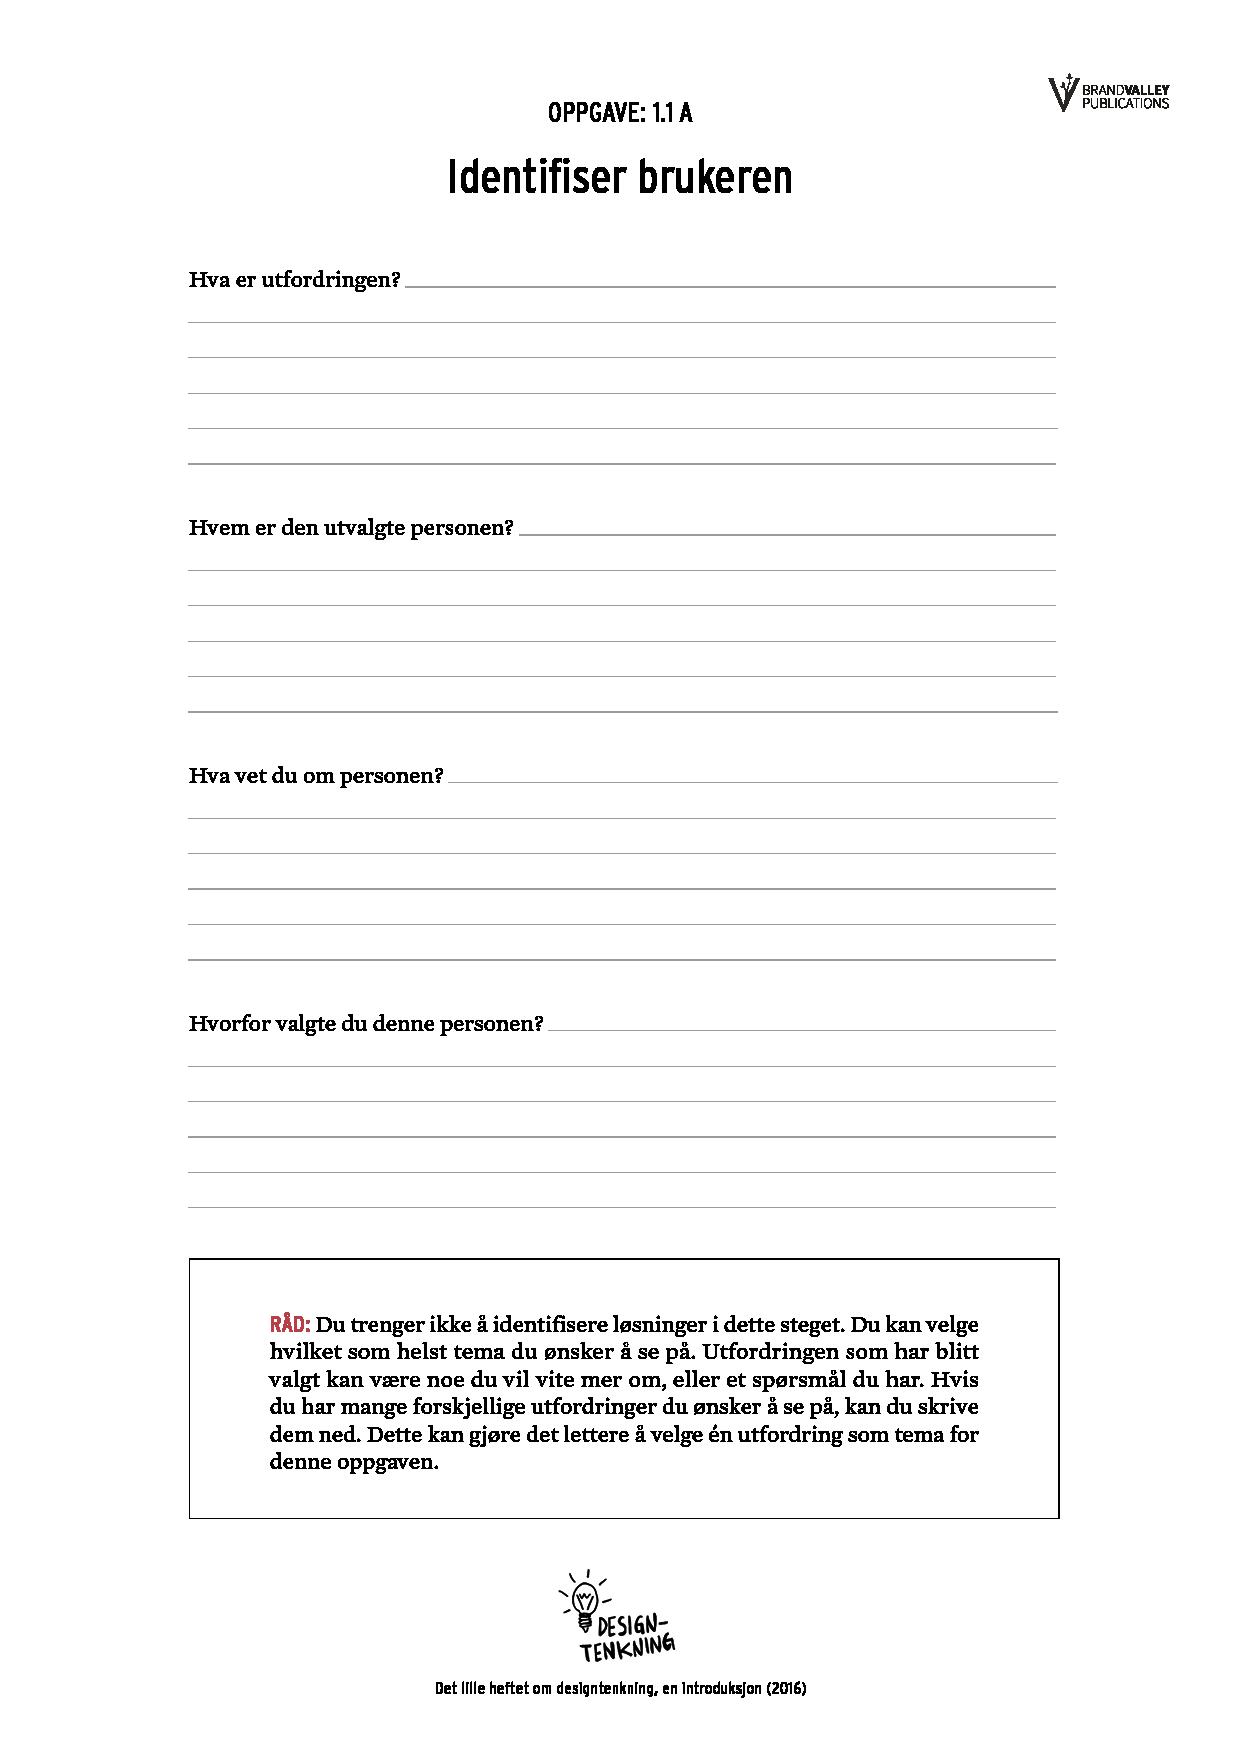 Identifiser brukeren.pdf